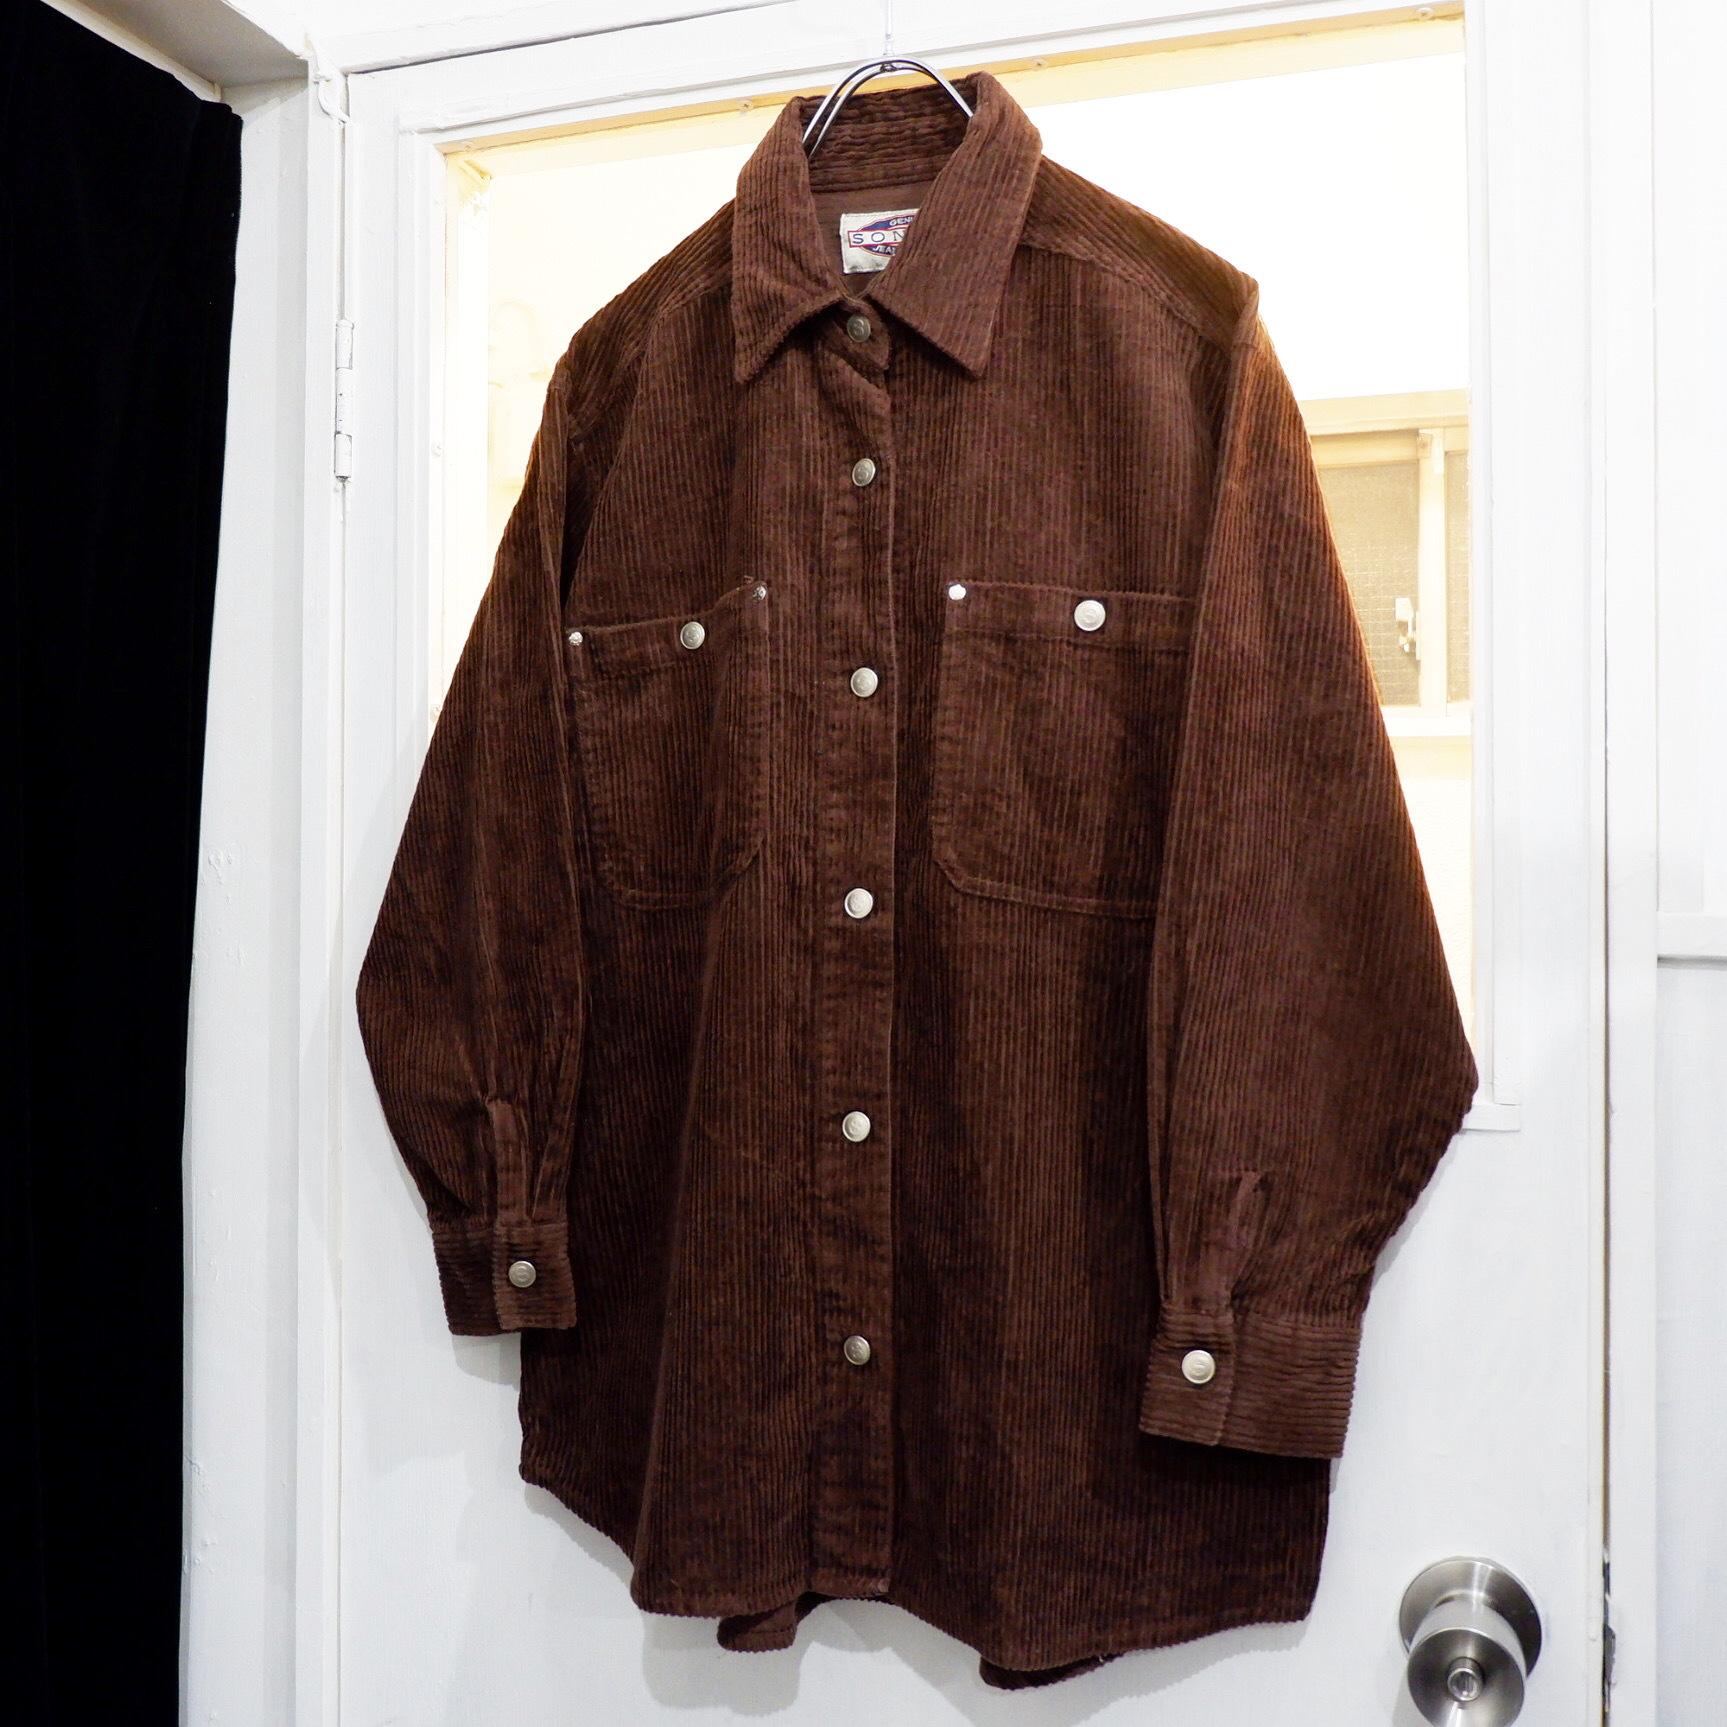 アメリカ古着 ブラウン コーデュロイシャツ